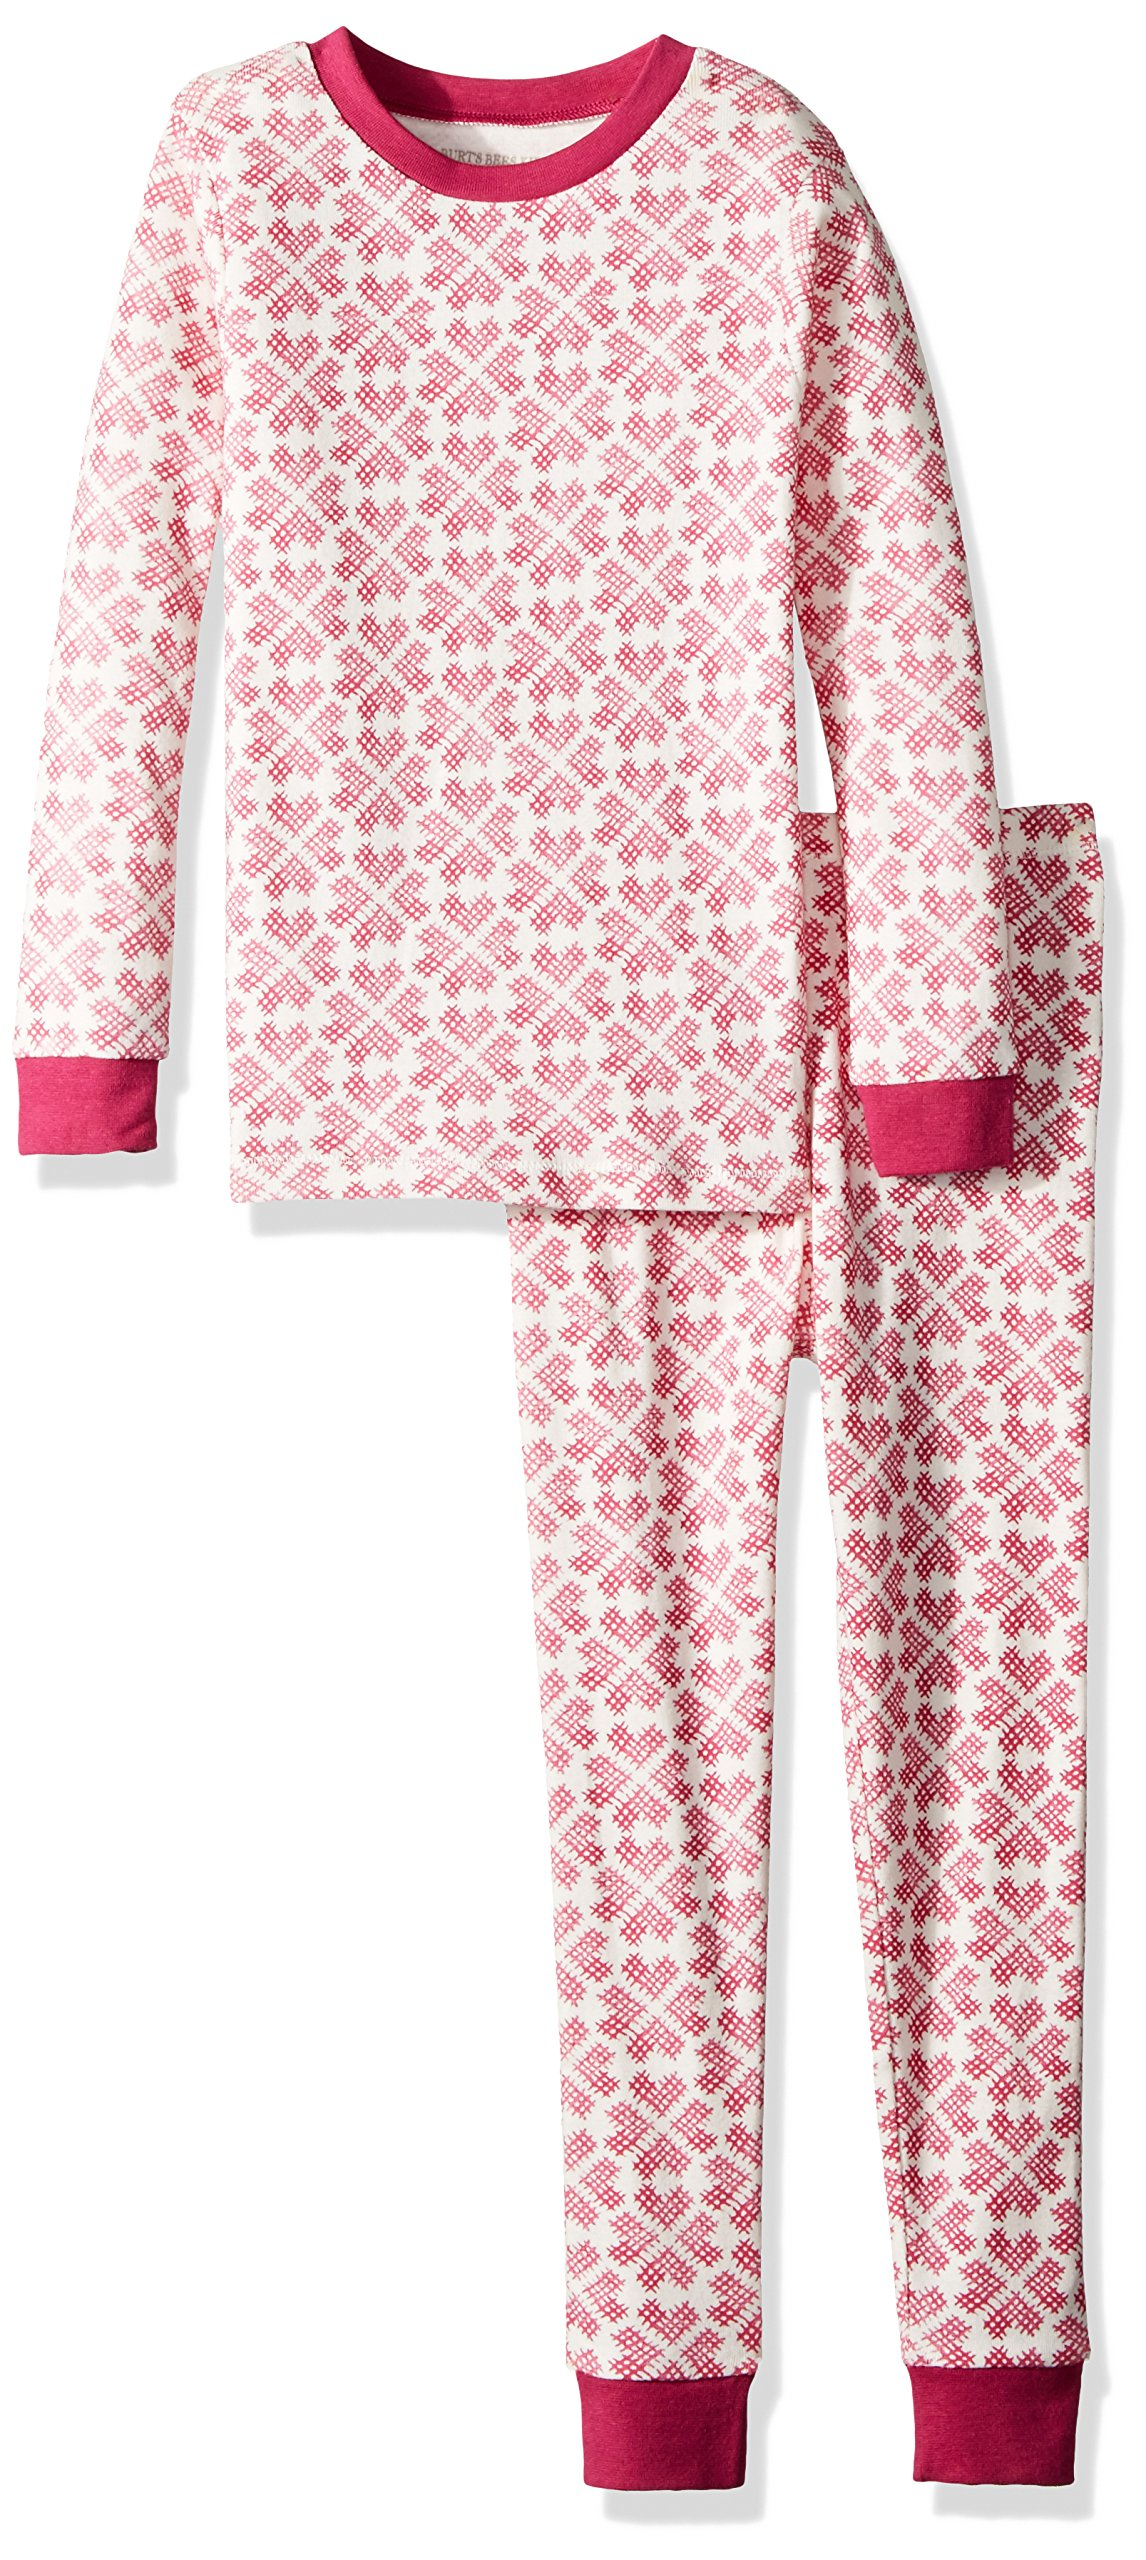 Galleon - Burt s Bees Baby Baby Little Kids Pajamas 0886d8821